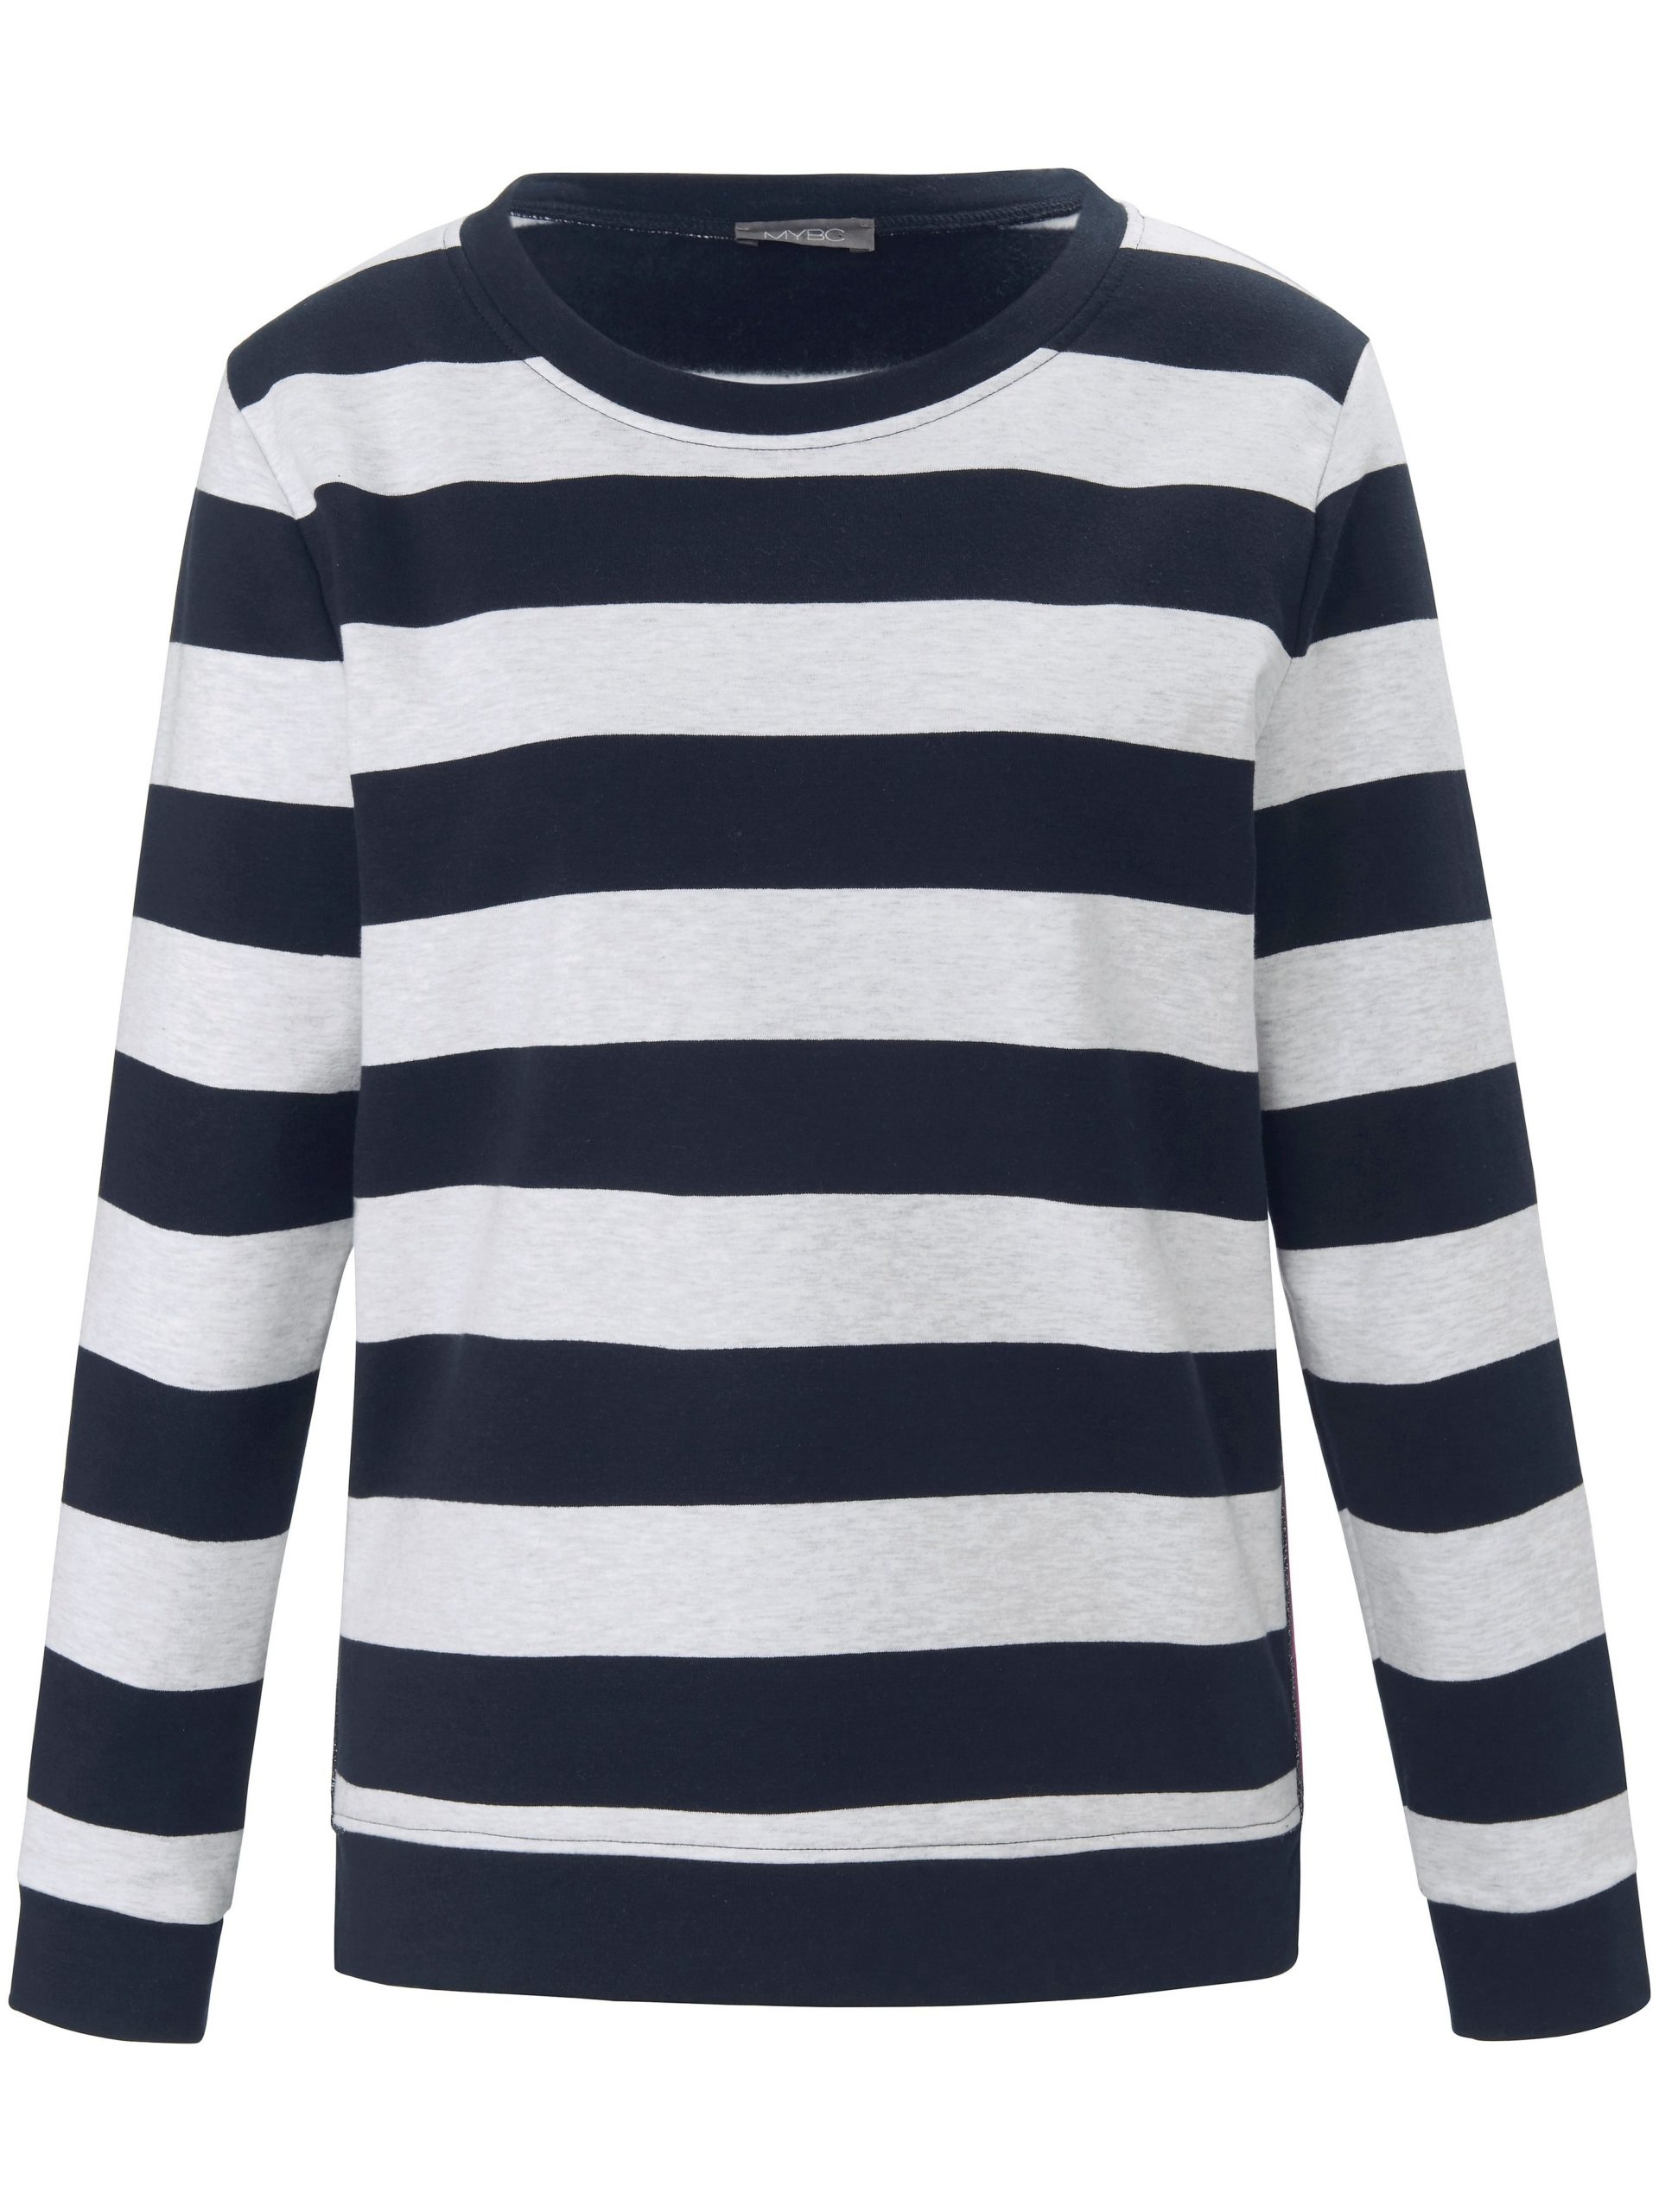 Sweatshirt met lange mouwen en zijsplitjes Van MYBC blauw Kopen